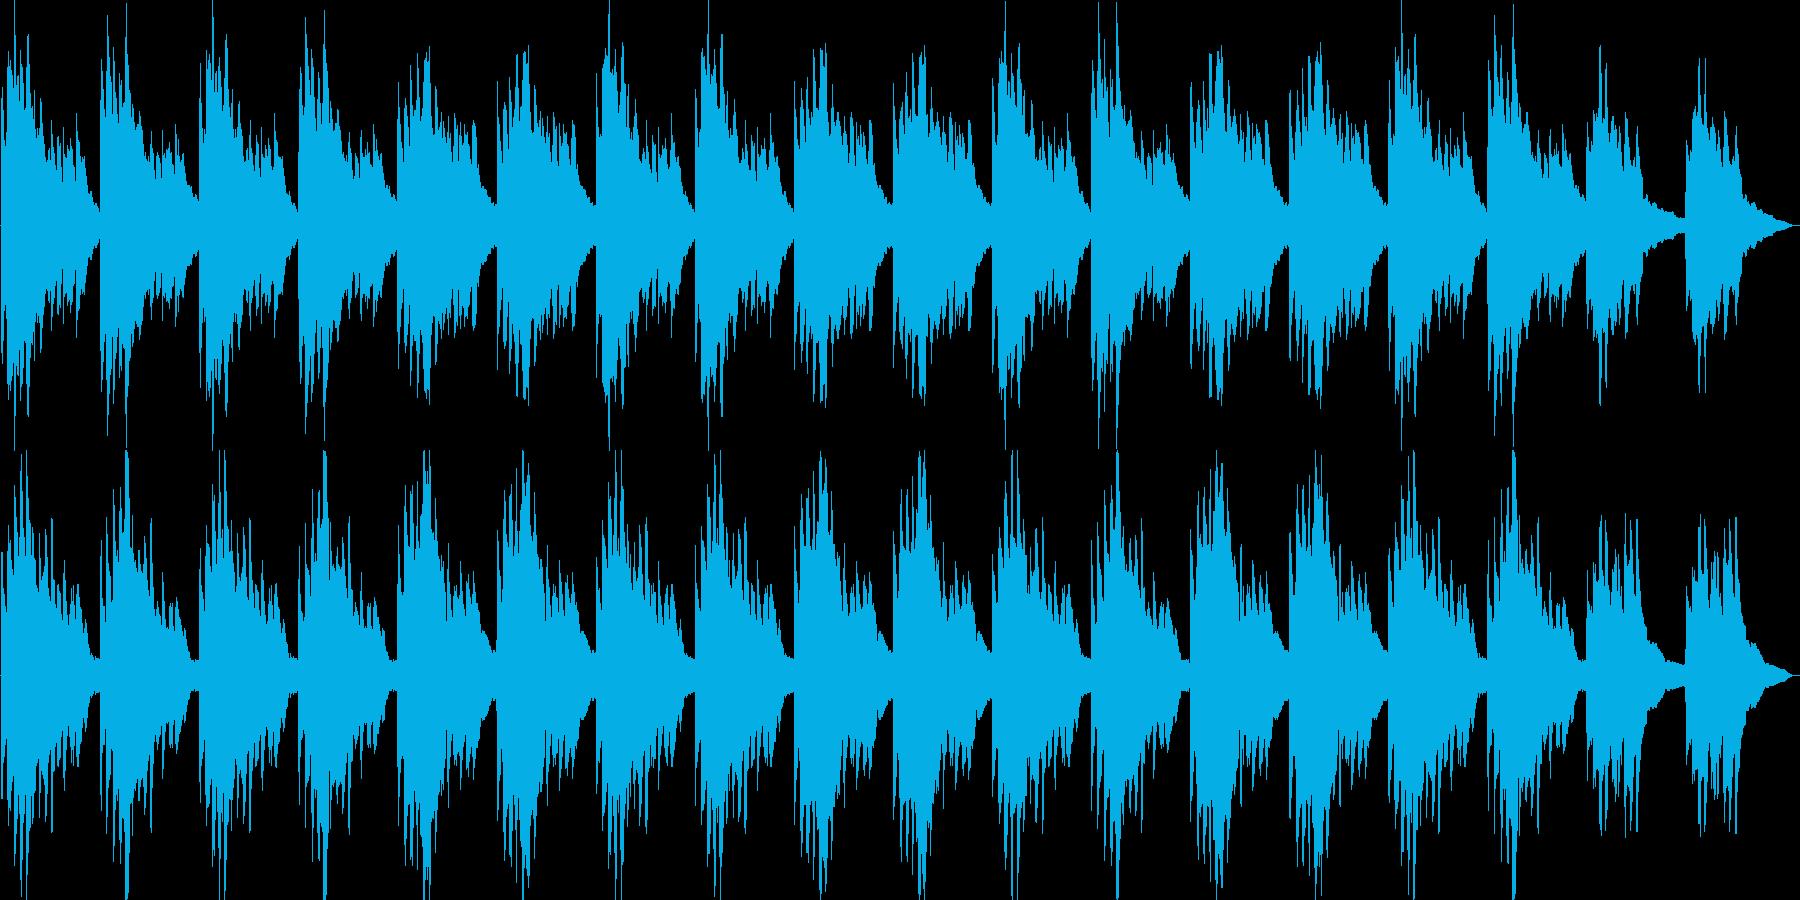 神秘的・透明感・ハープ・映像・ゲーム用の再生済みの波形